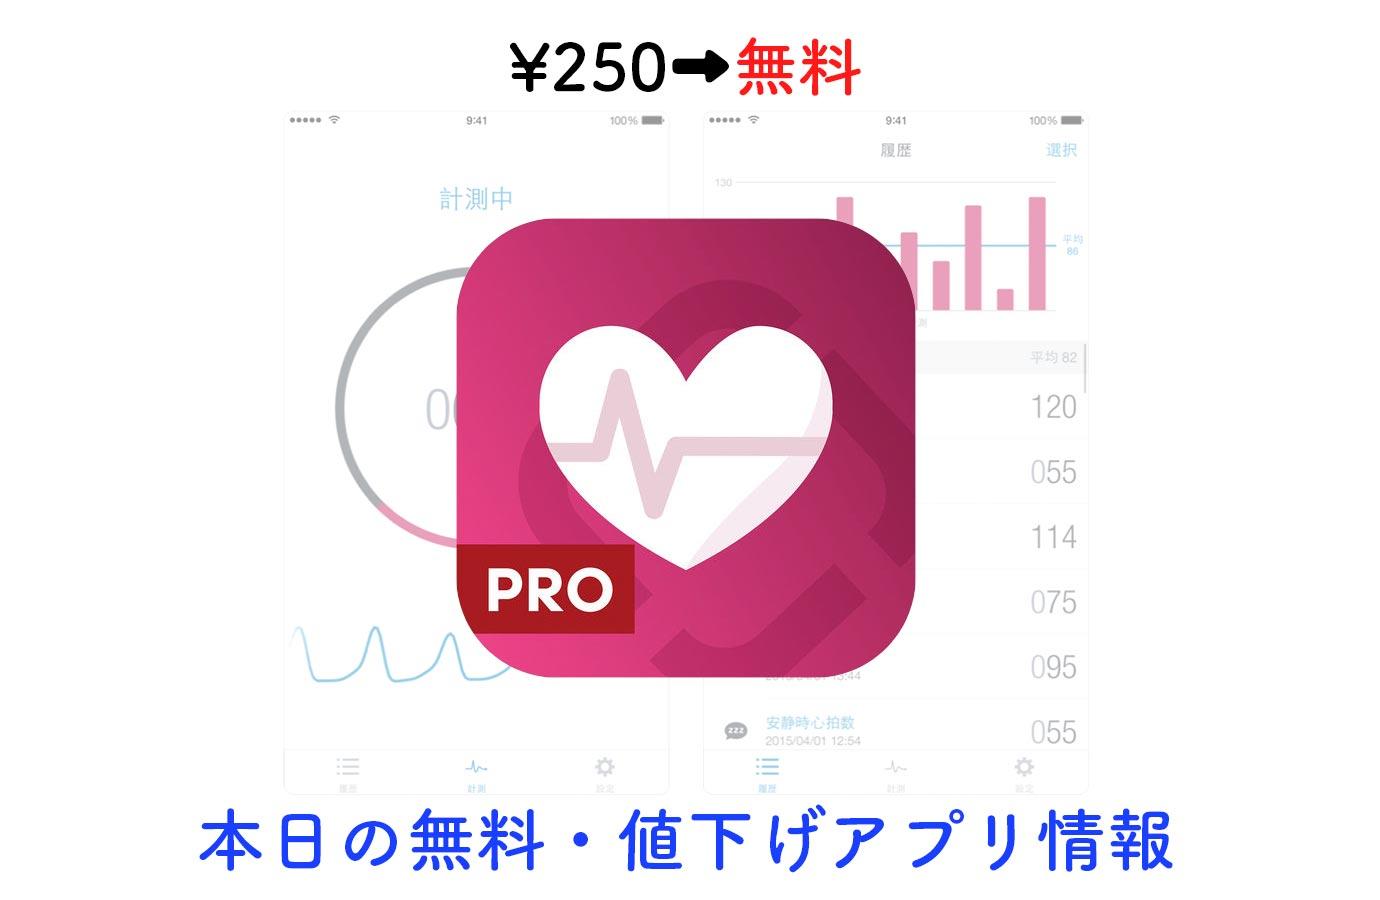 ¥250→無料、iPhoneのカメラを使って心拍数を計測できる「Runtastic 心拍数(脈拍)を測るアプリPRO」など【2/13】本日の無料・値下げアプリ情報